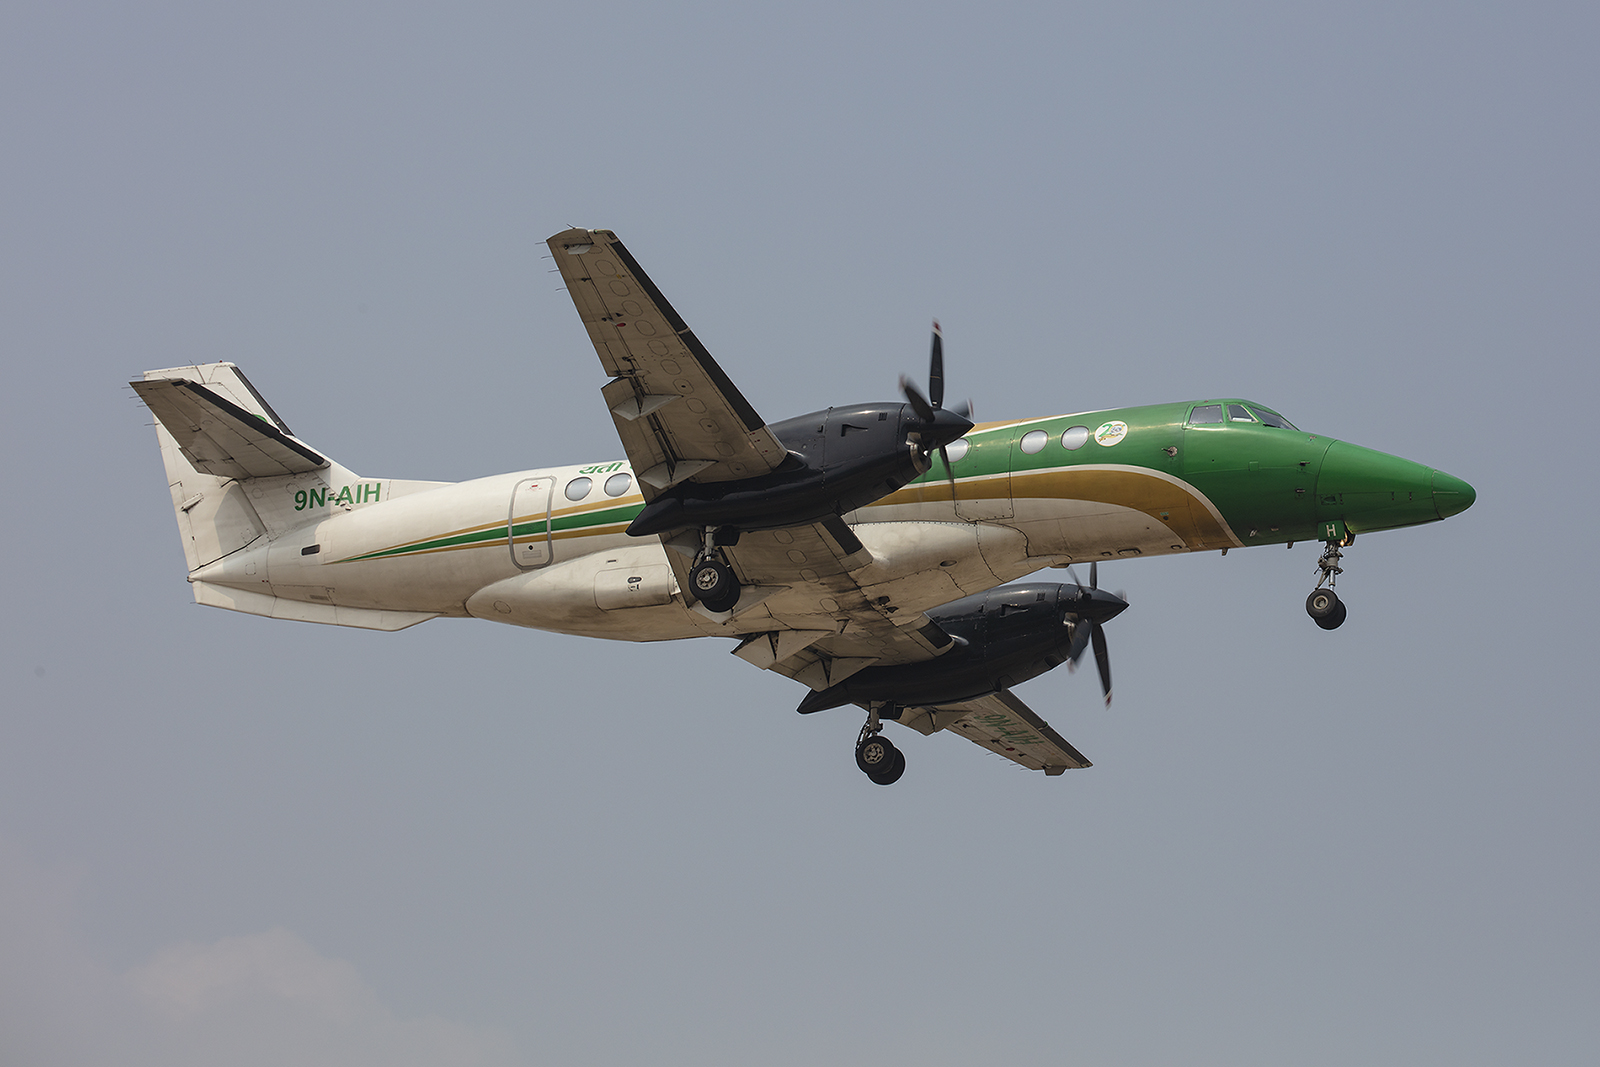 Yeti Air betreibt einige Jetstream 41, leider hat es nicht mit einem Flug geklappt.